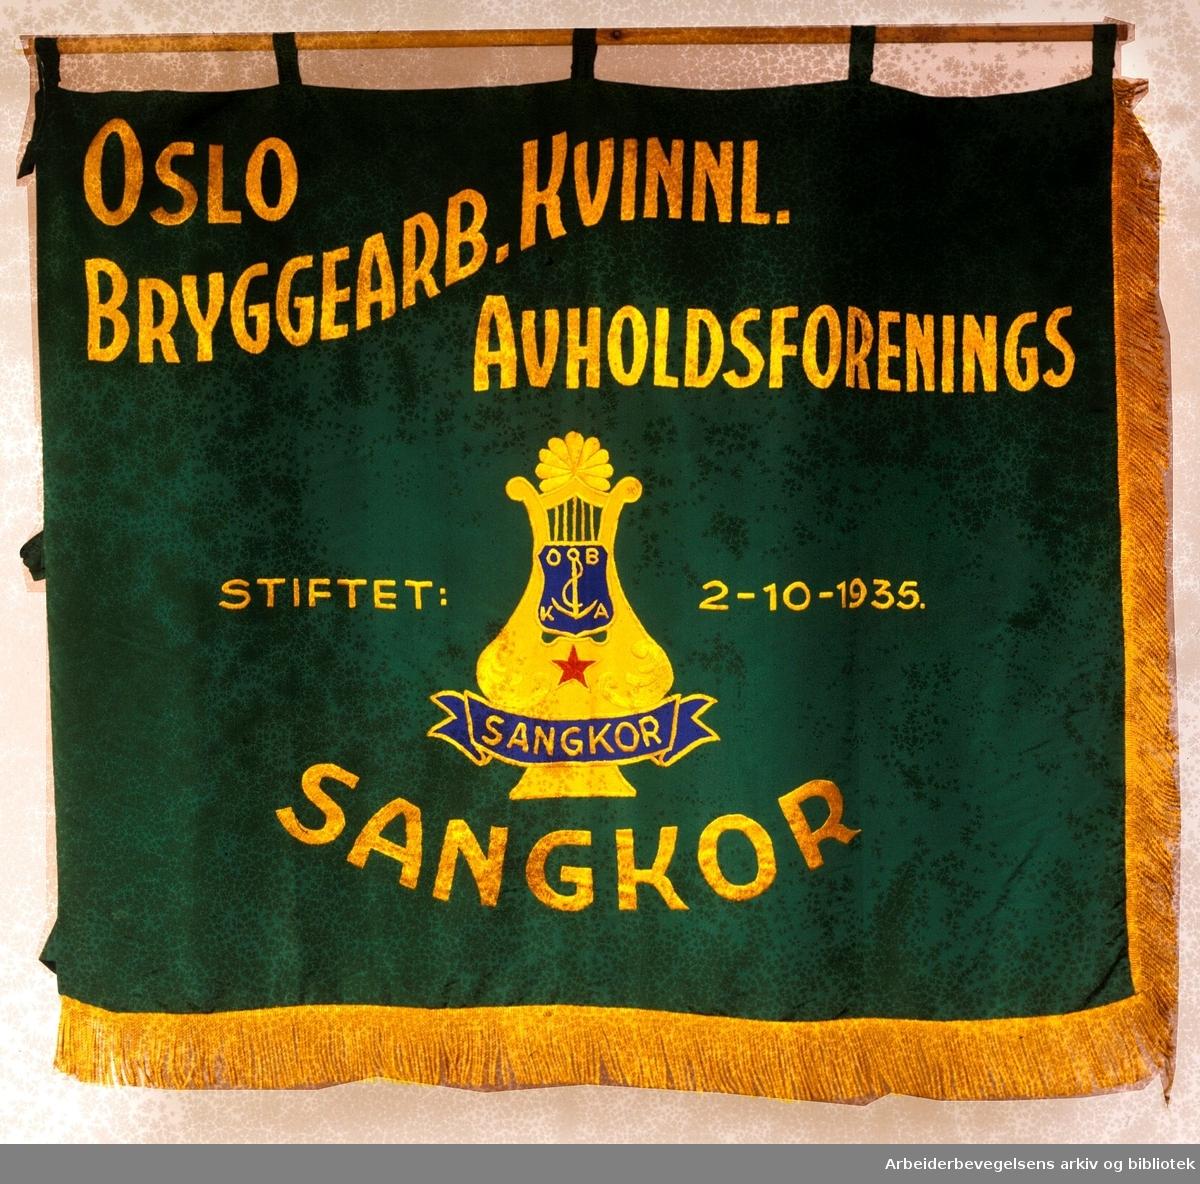 Oslo bryggearbeideres kvinnelige avholdsforenings sangkor.Stiftet 2. oktober 1935..Forside..Fanetekst: Oslo Bryggearb. kvinnl. avholdsforenings sangkor. Stiftet 2-10-1935